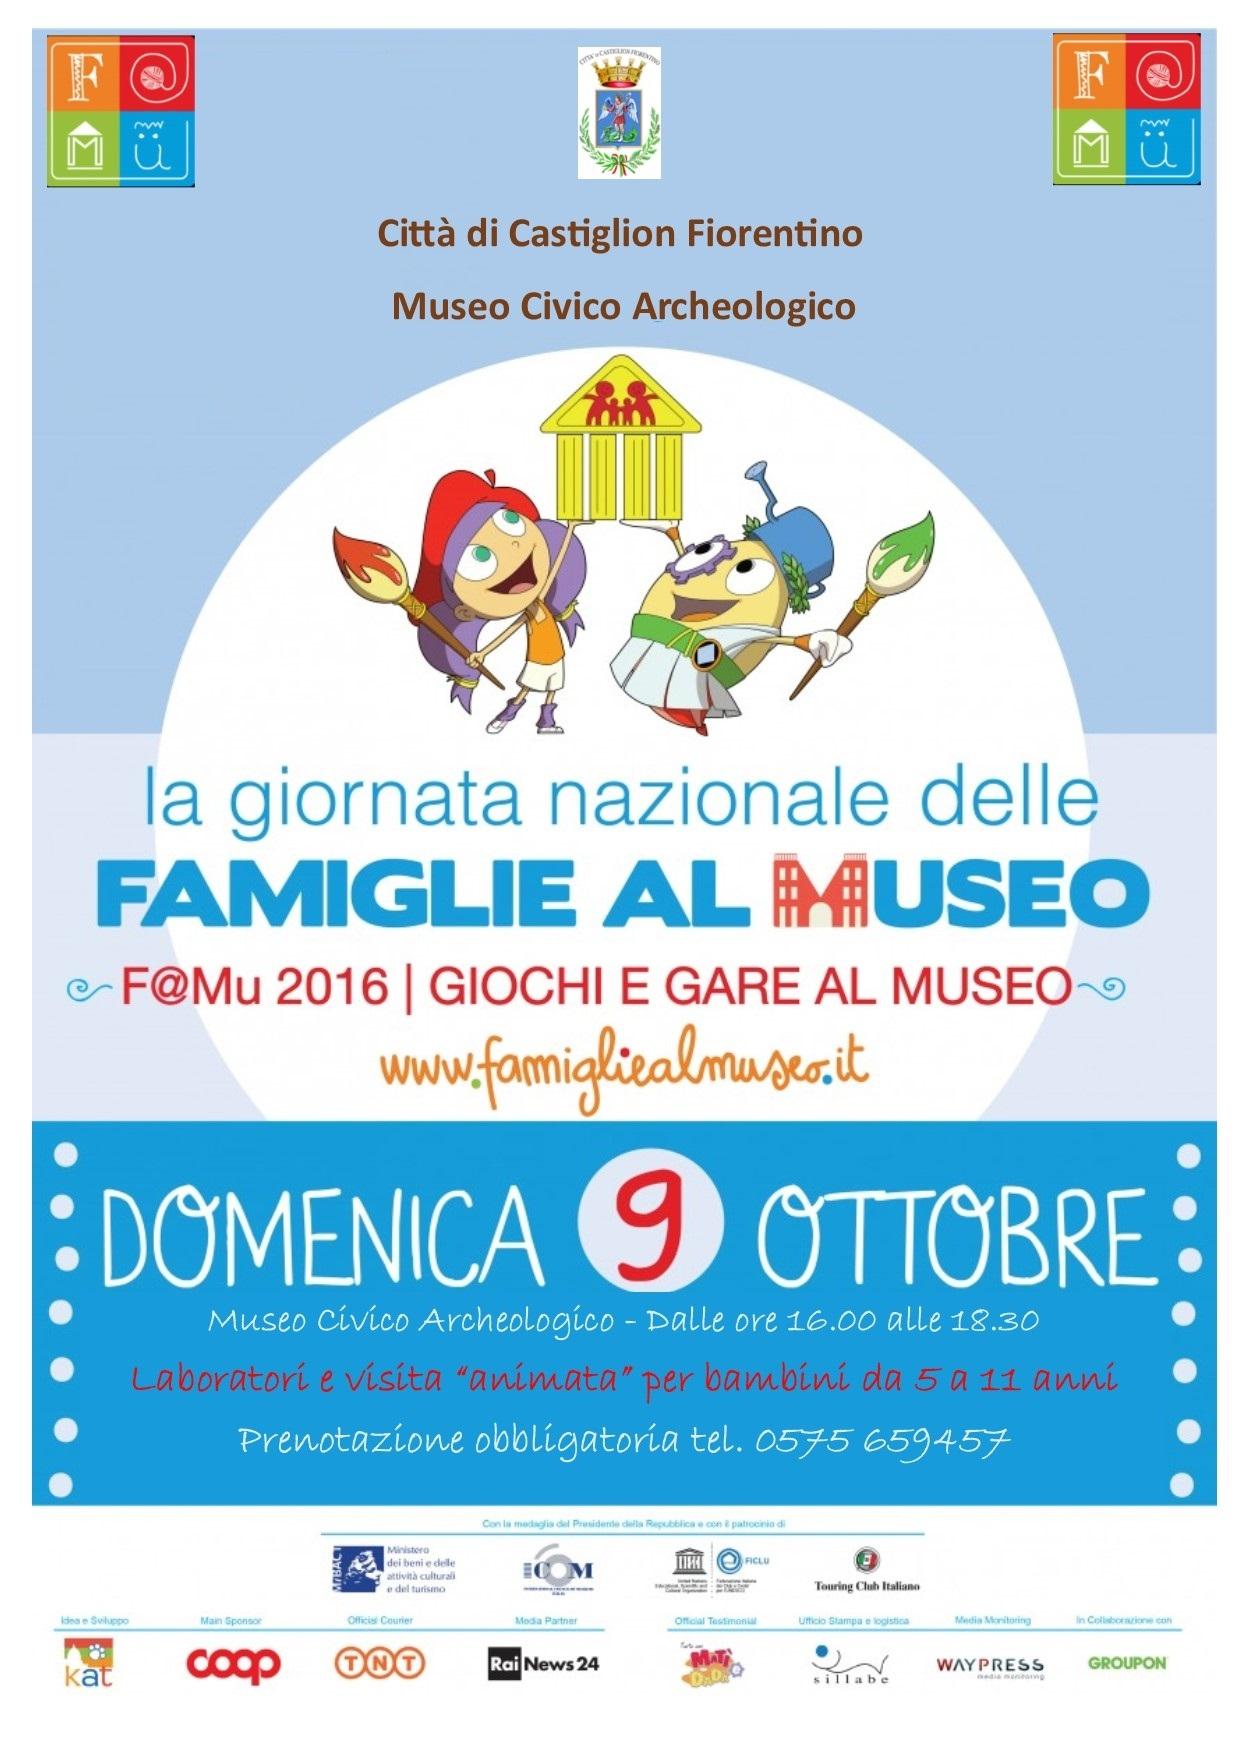 Famiglie al Museo, domenica gare e giochi al Museo di Castiglion Fiorentino